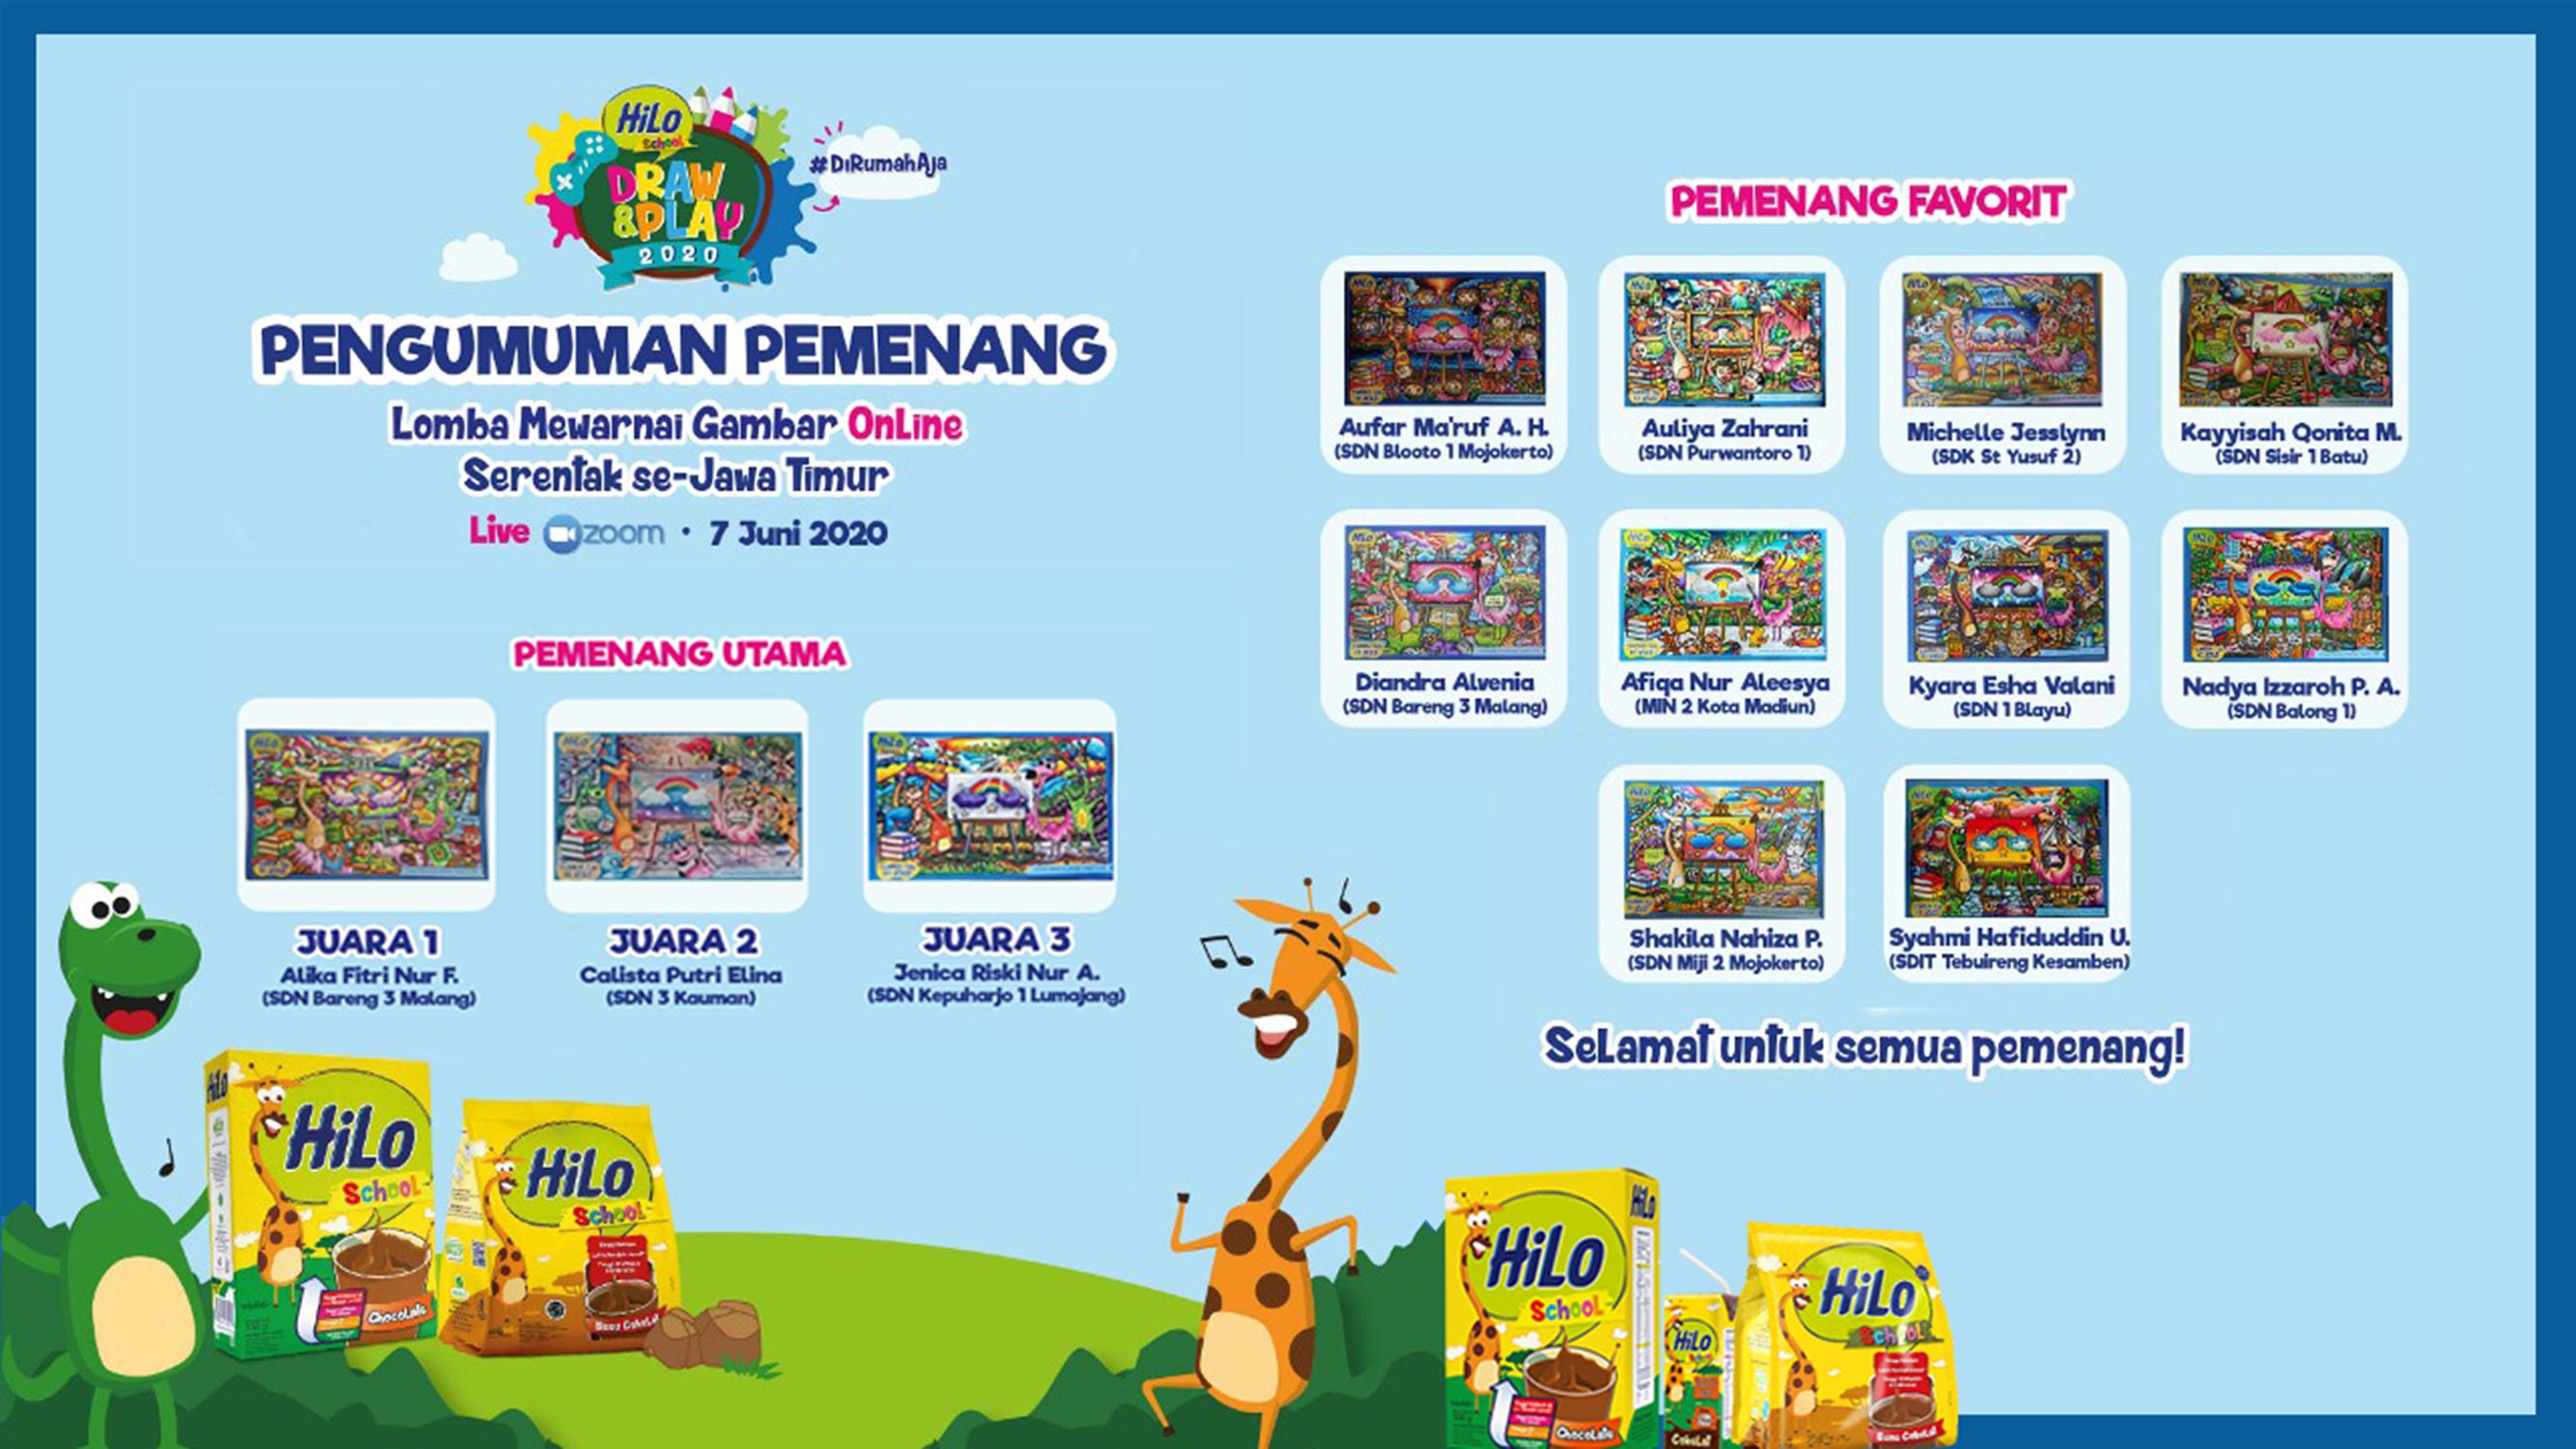 Ikuti Lomba Mewarna Online Afiqa Peroleh Juara Favorit se-Jawa Timur